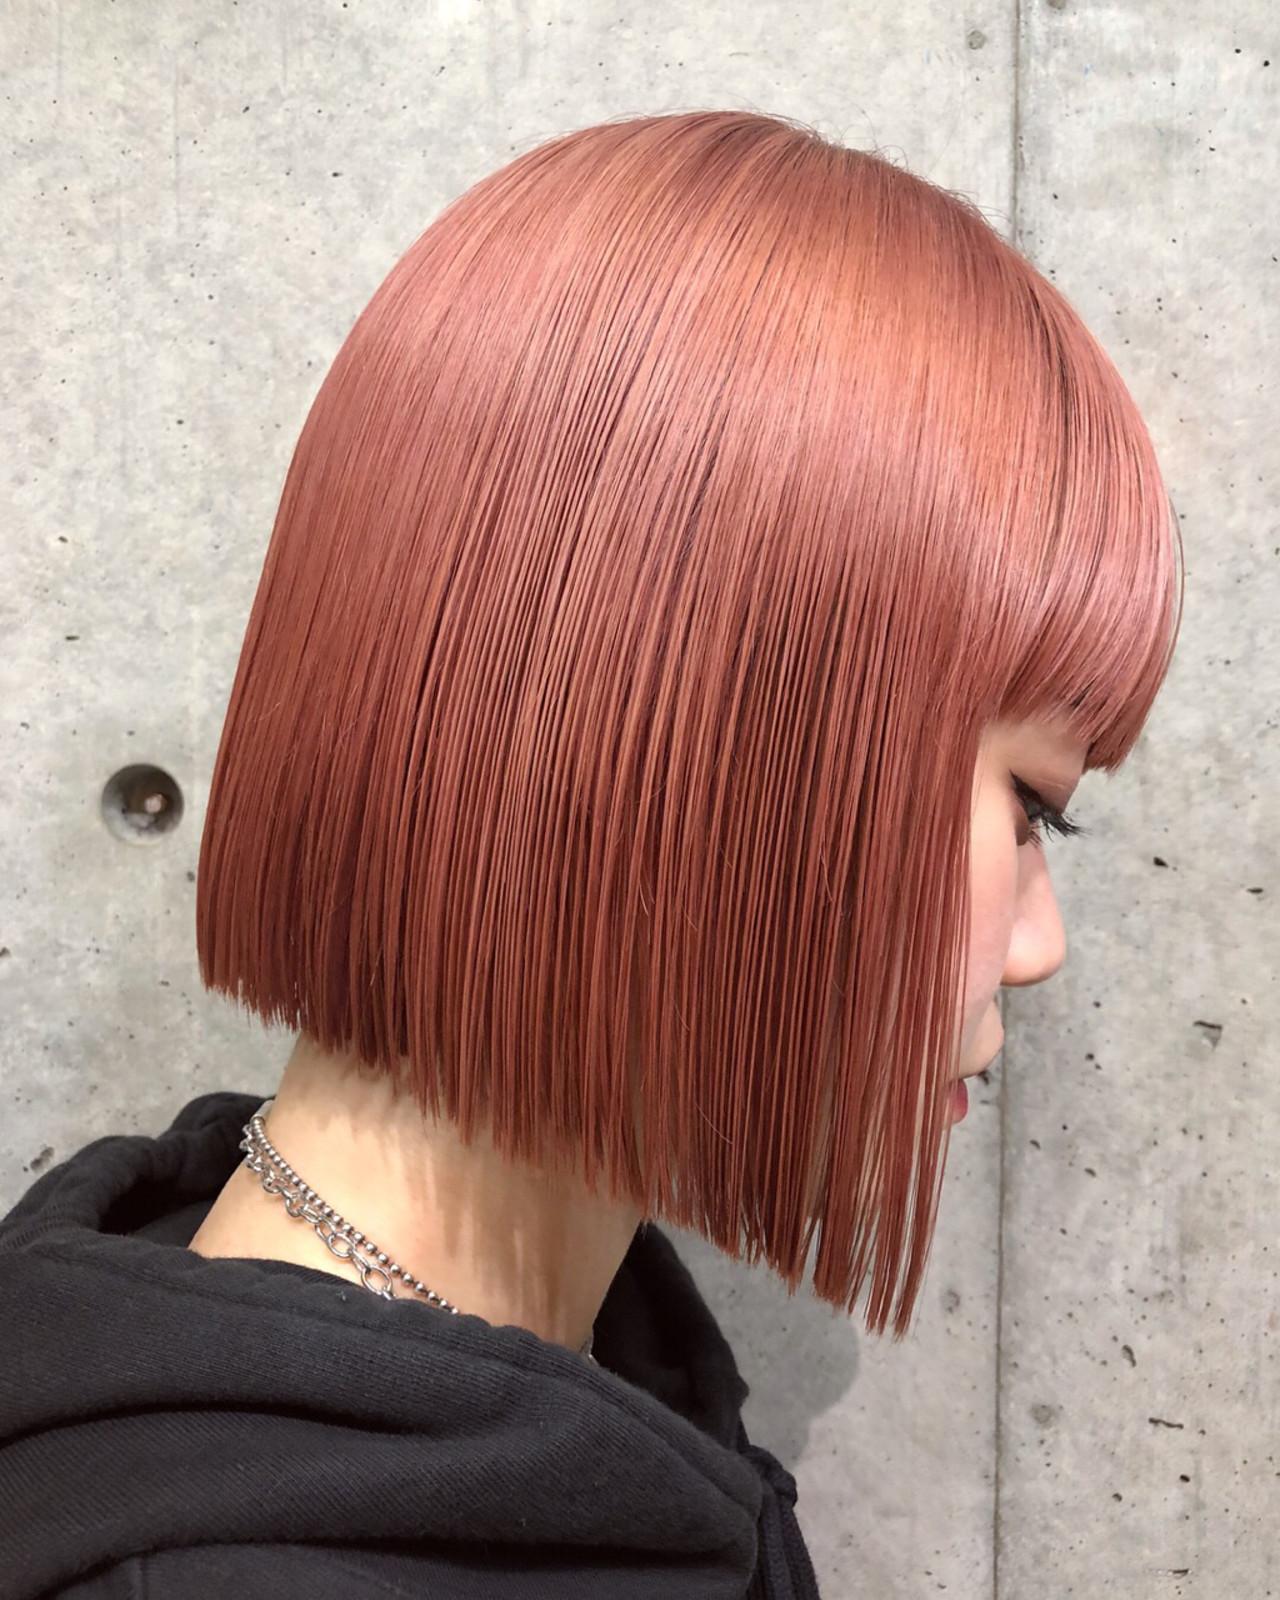 ピンク ストリート グレージュ 切りっぱなし ヘアスタイルや髪型の写真・画像 | MIKIZO / merci (メルシー)